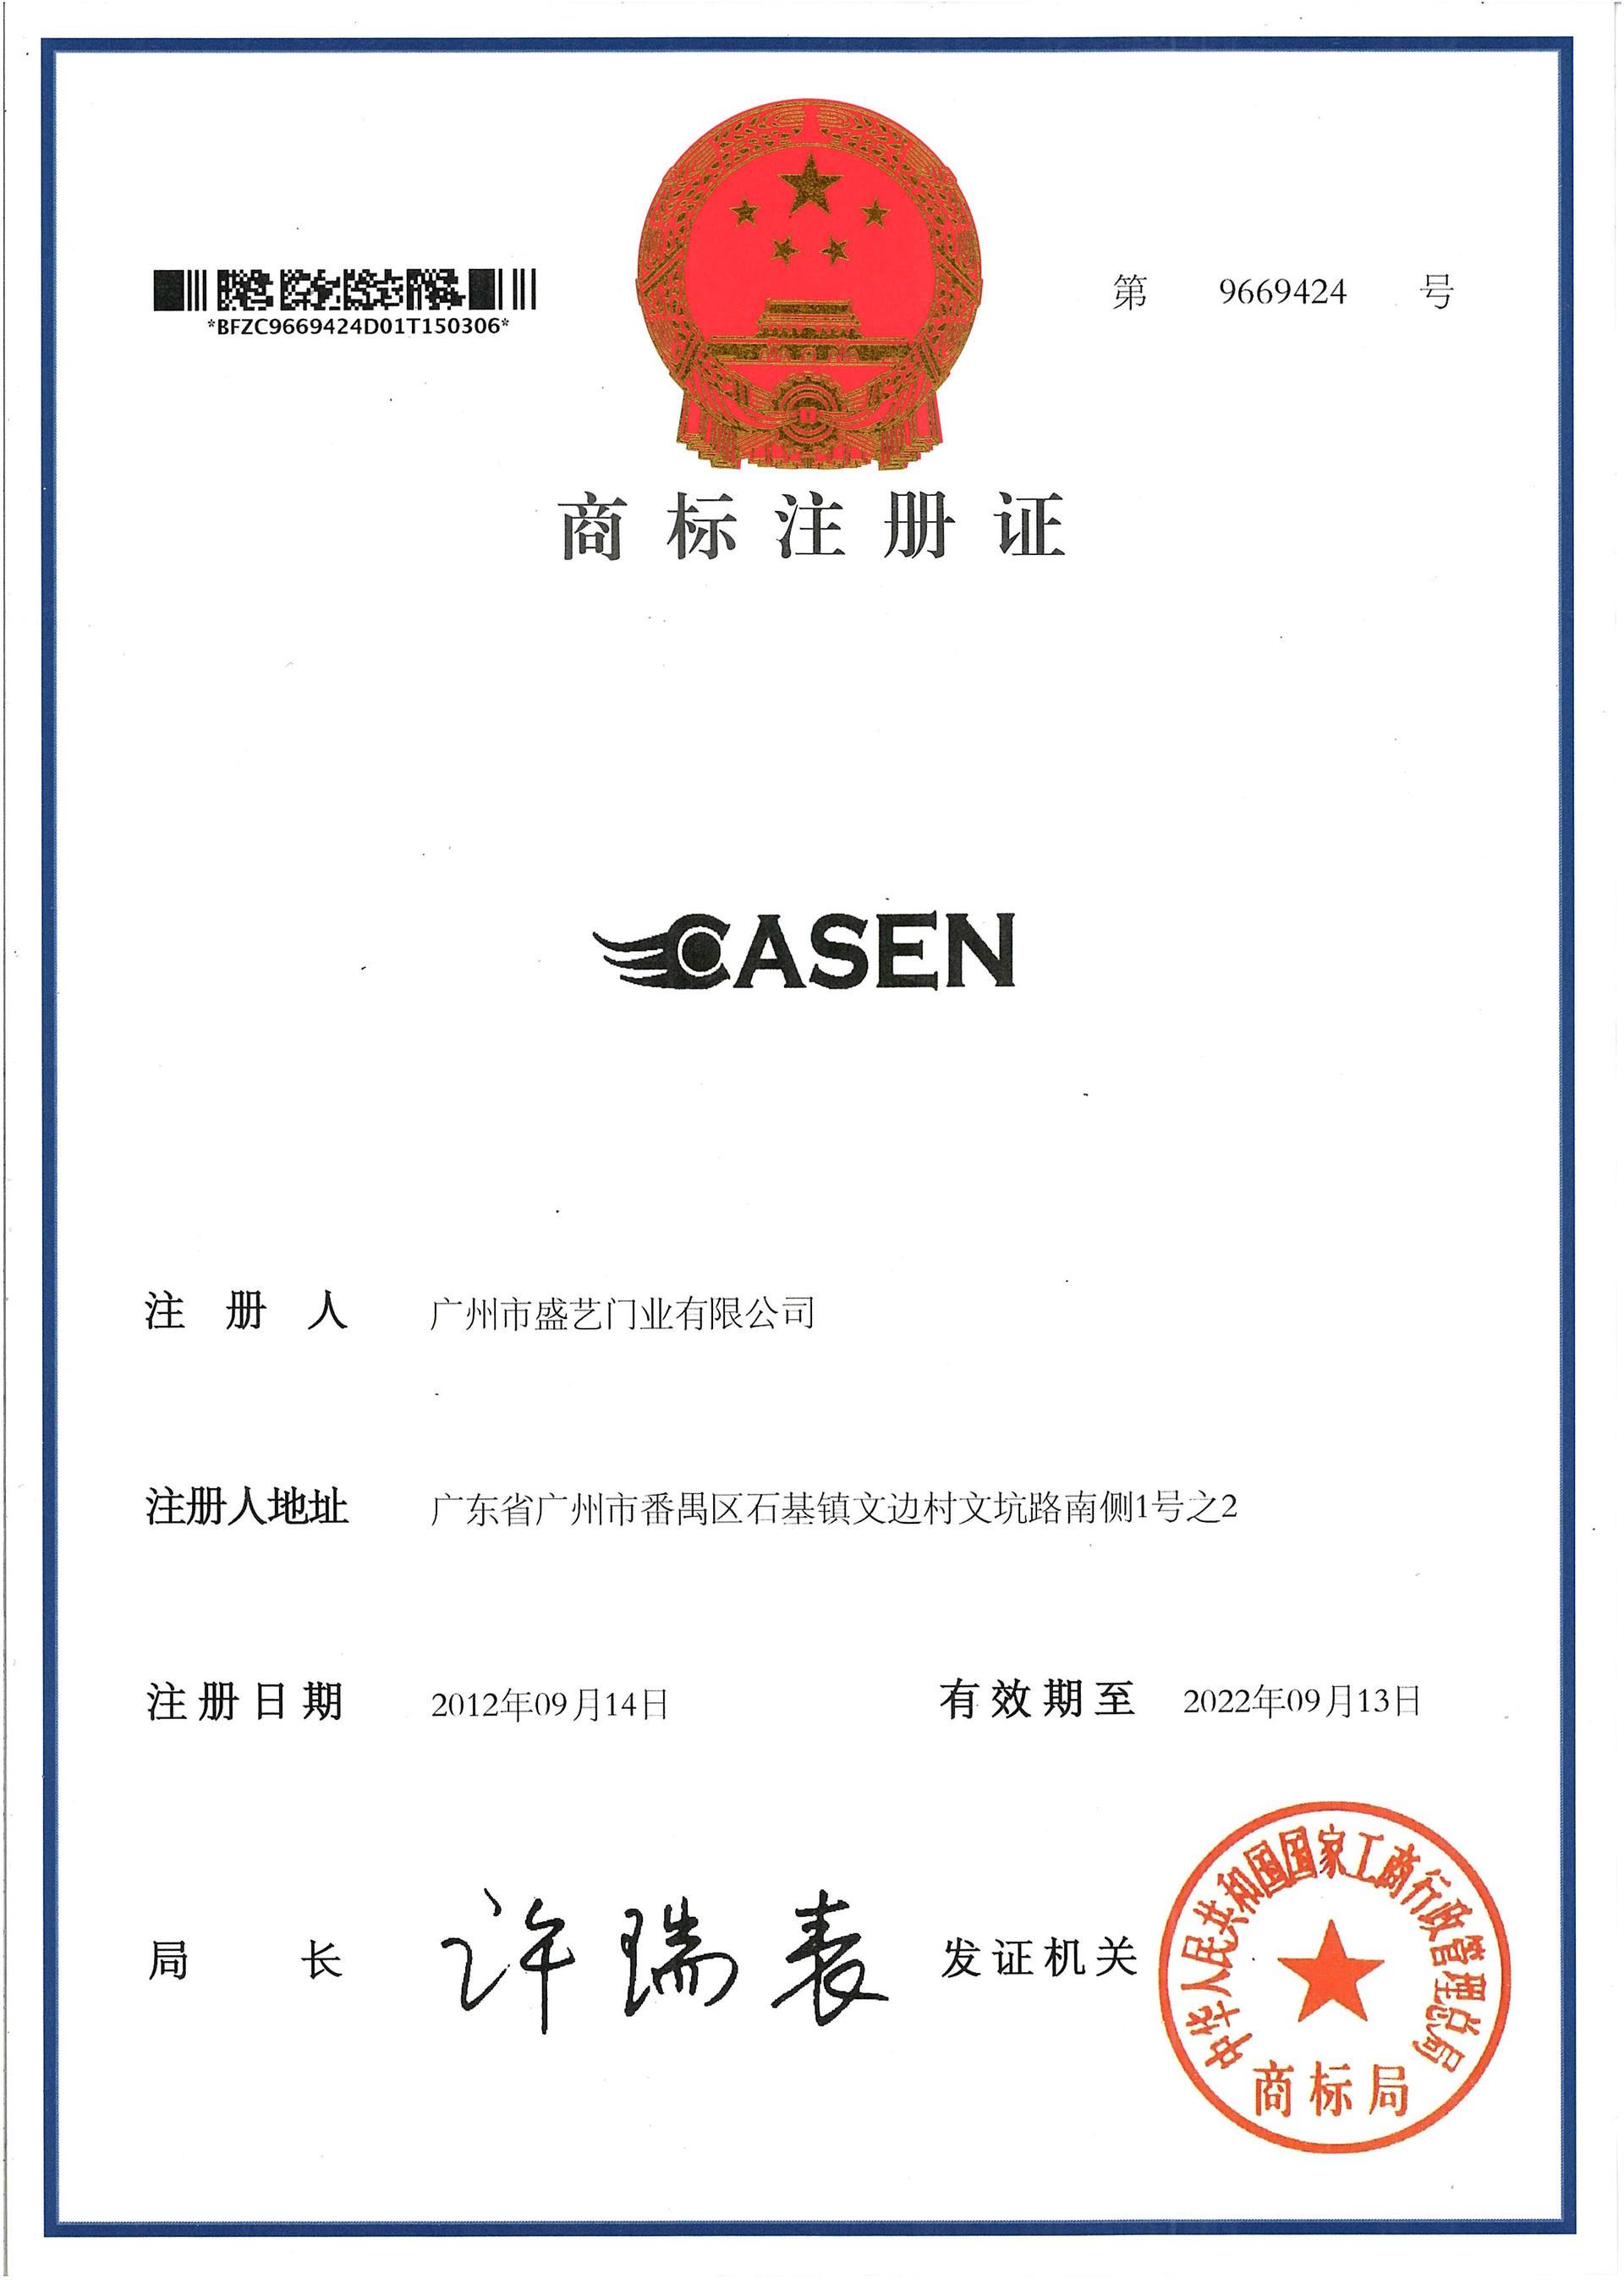 CASEN trademark certificate